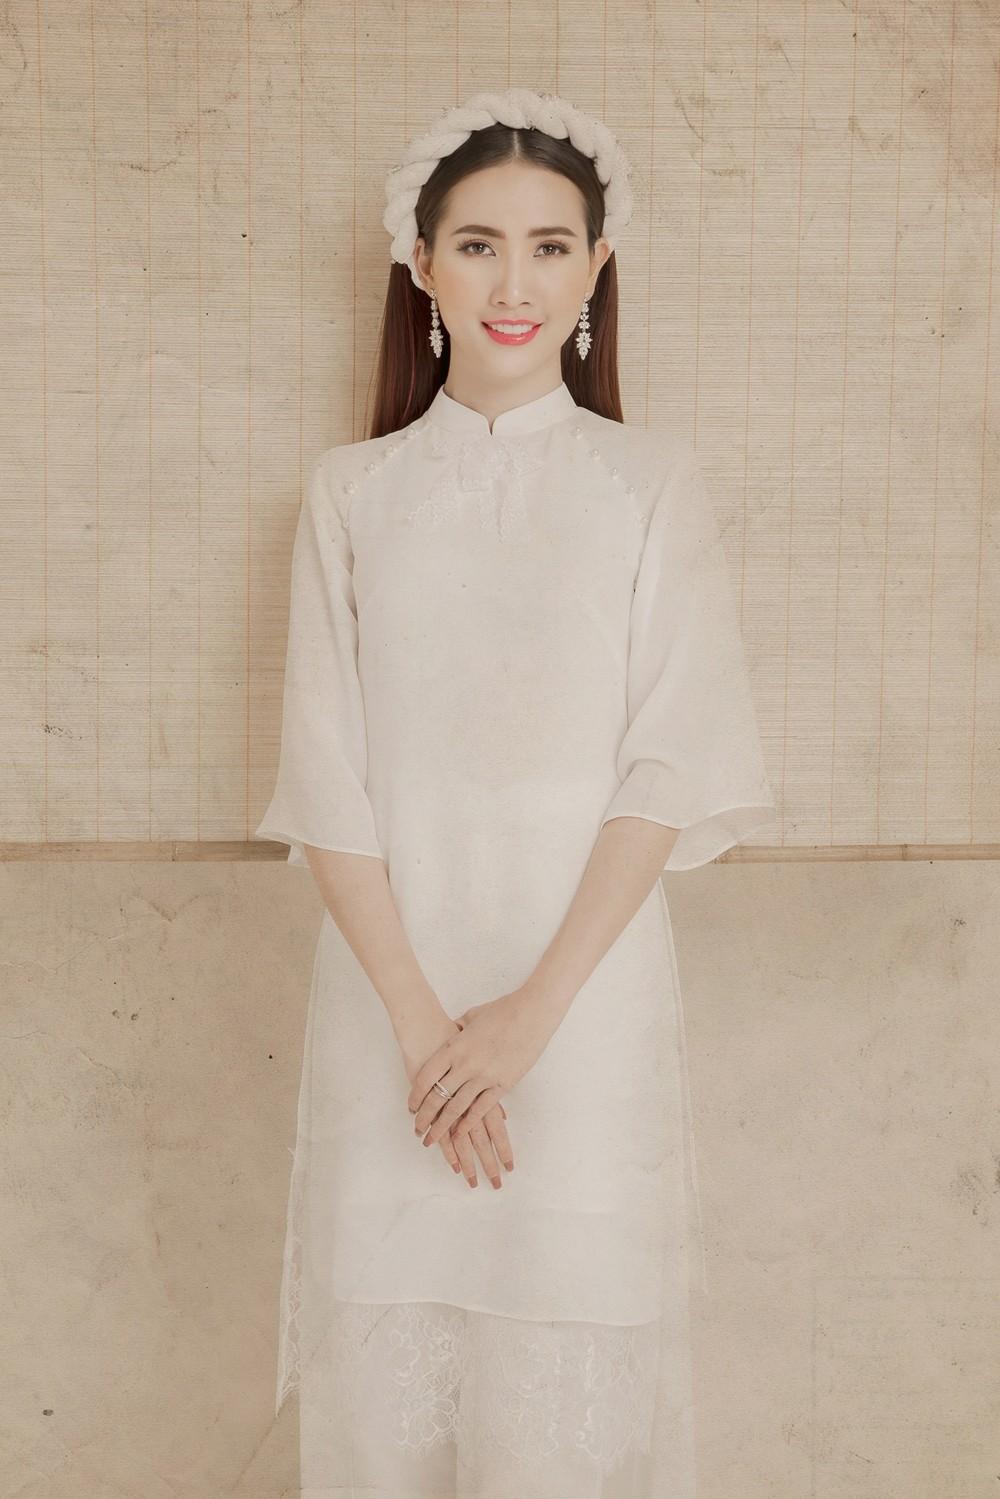 Vốn yêu quý và trân trọng những giá trị văn hoá dân tộc, cho nên ở bộ ảnh mới, cô muốn giữ truyền thống với bộ áo dài bằng lụa nhẹ nhàng.